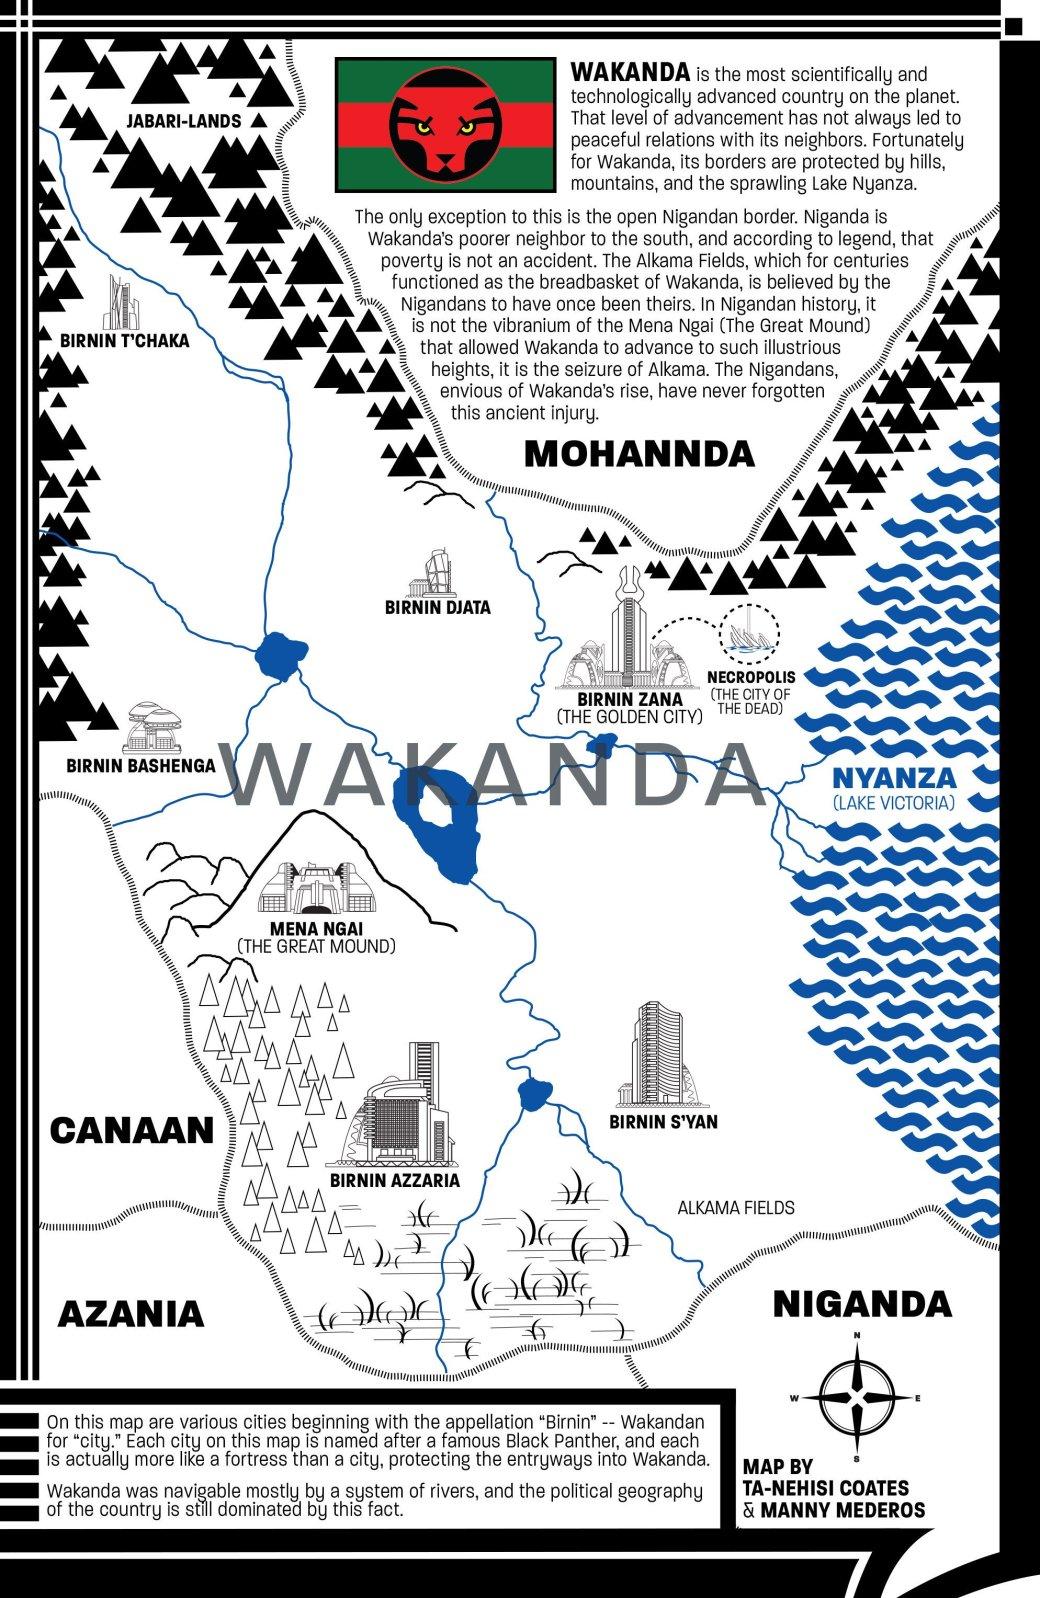 Черная пантера изменил государственный строй Ваканды | Канобу - Изображение 1883